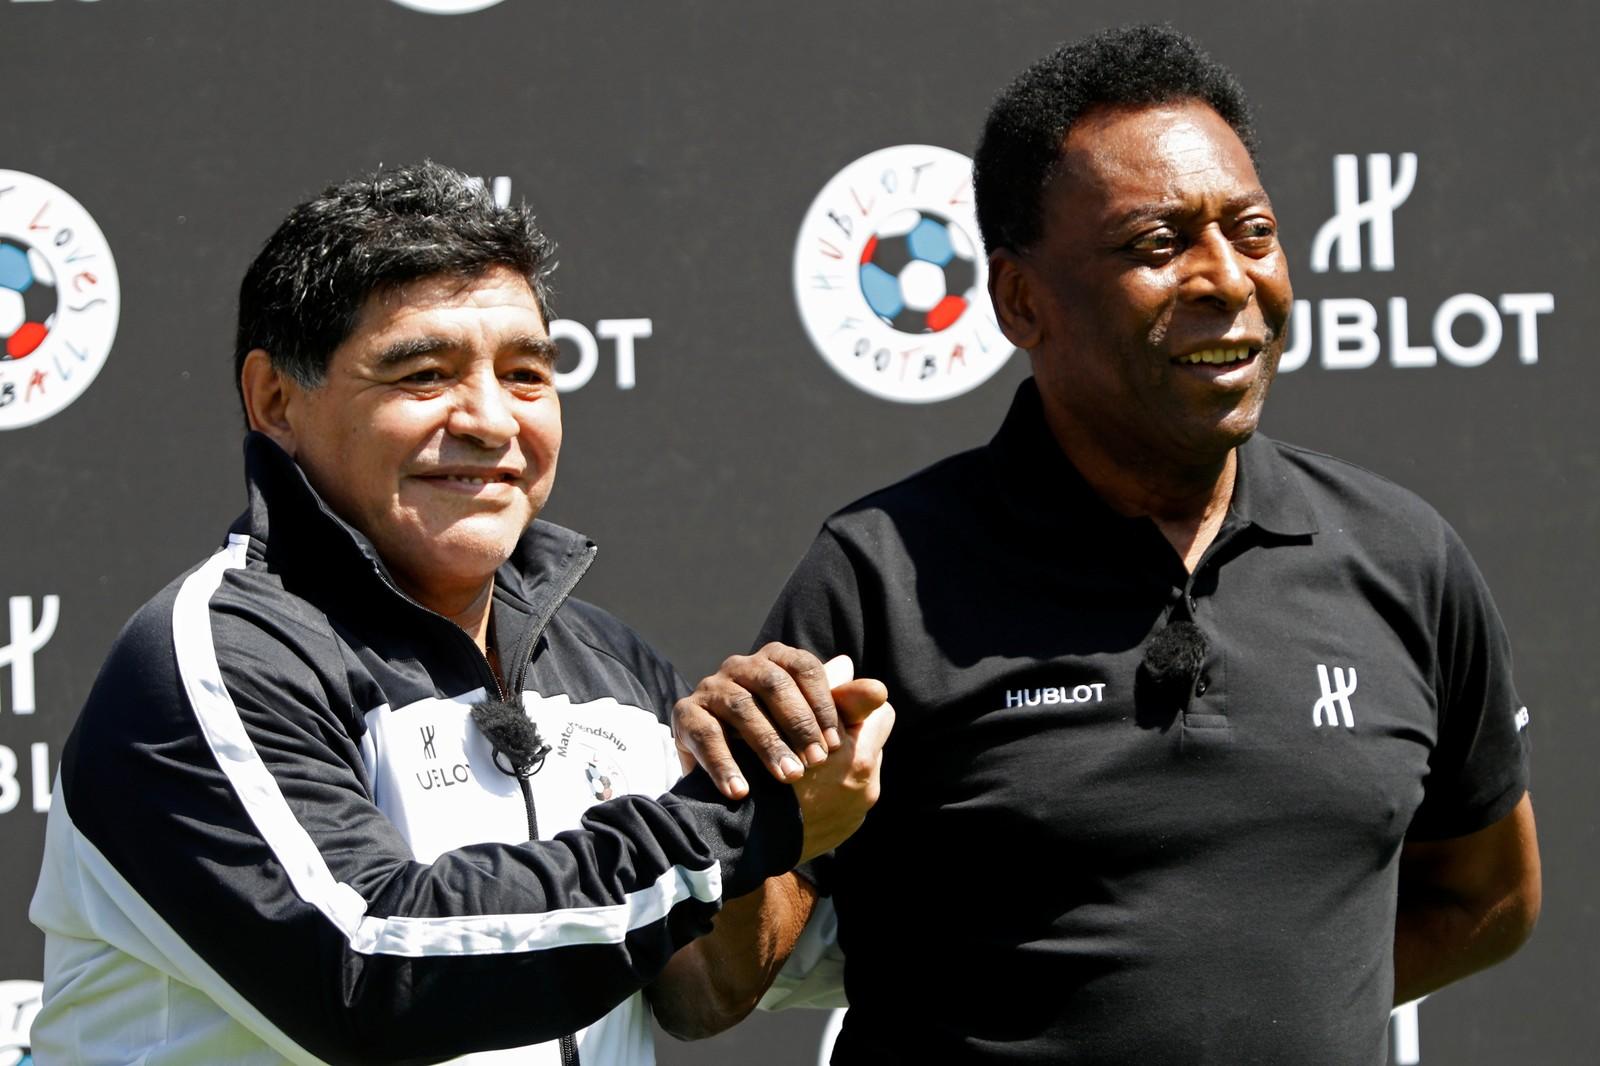 Fotballegendene Diego Maradona (t.v.) og Pelé skapte enda mer blest om fotball-EM i Frankrike da de deltok på en tilstelning i Paris torsdag.